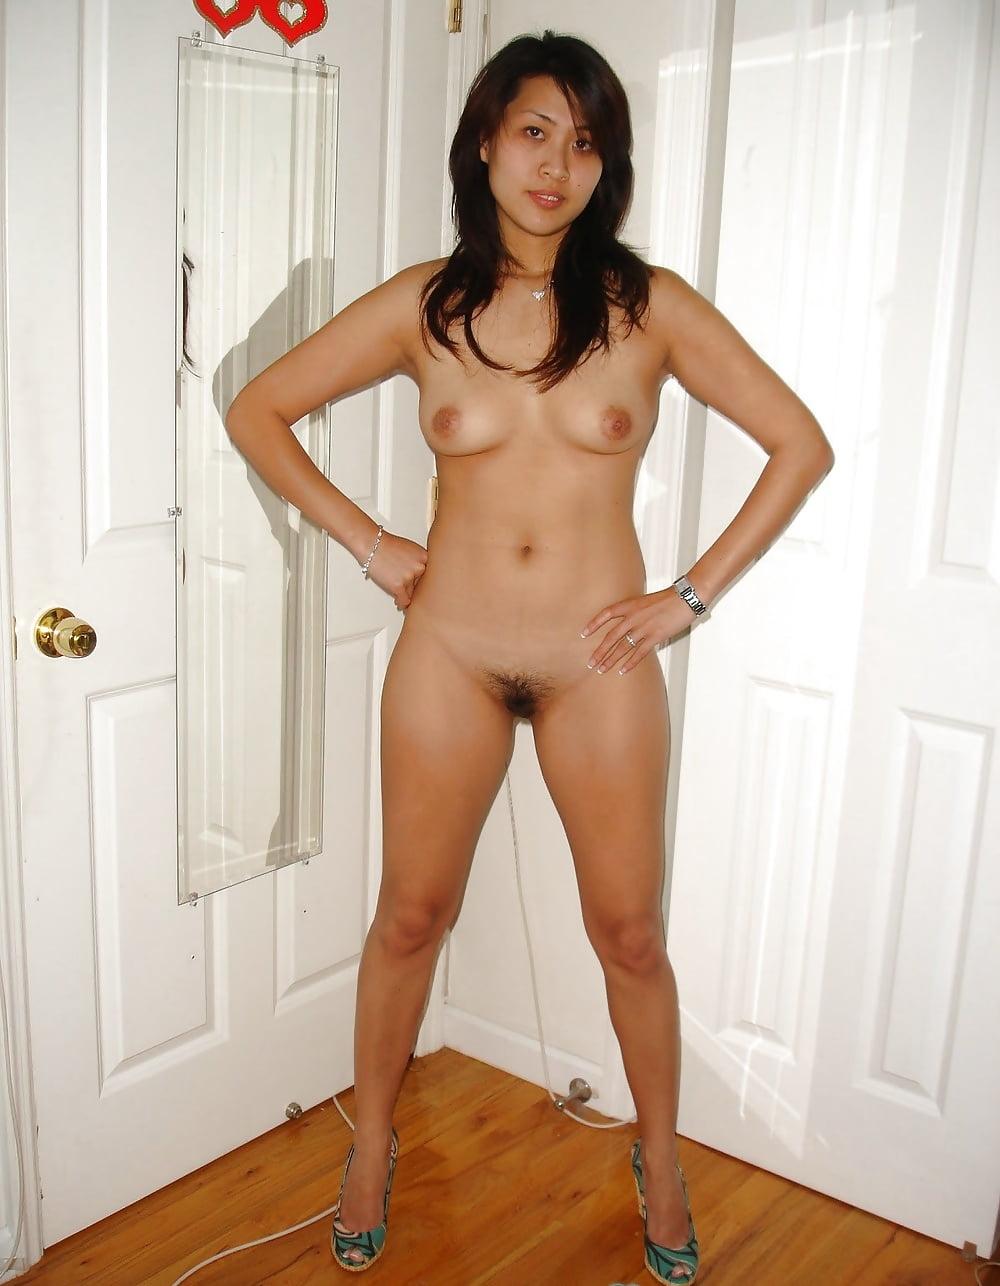 asian-wife-nude-nuden-sunny-leone-porn-fuck-photos